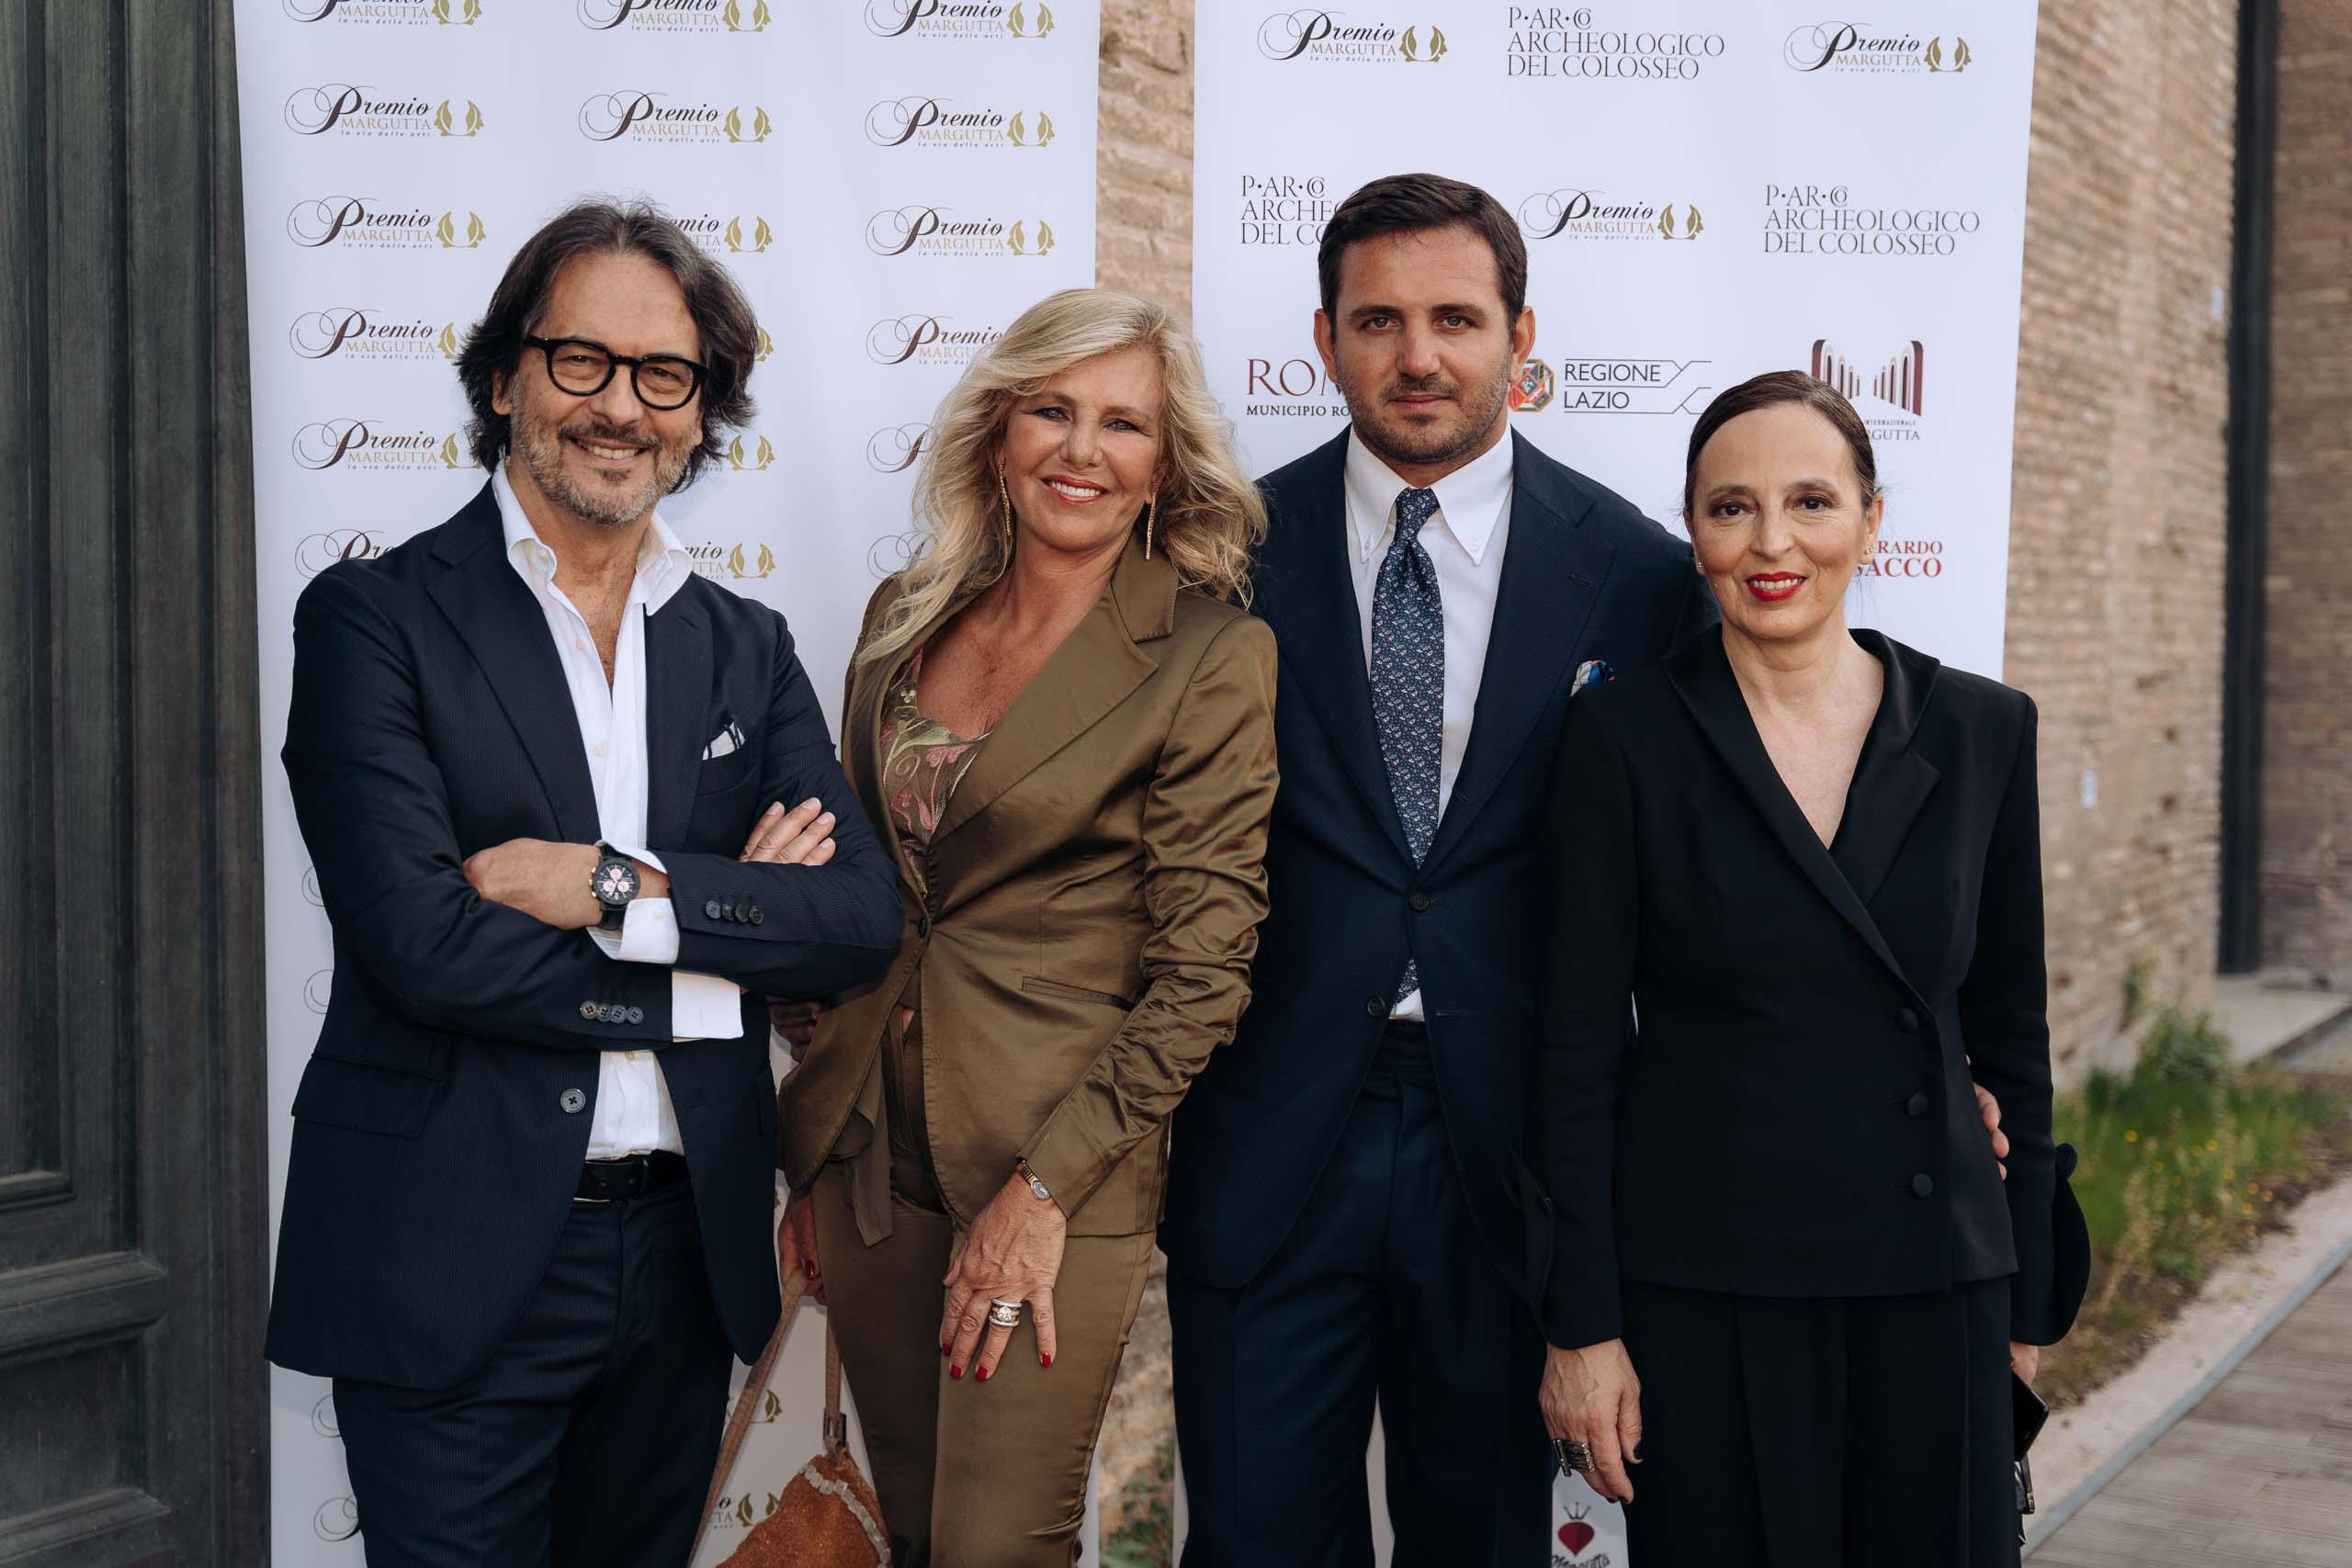 10.1 Antonio Falanga - Elena Aceto di Capriglia - Giovanni D'Antonio - Grazia Marino